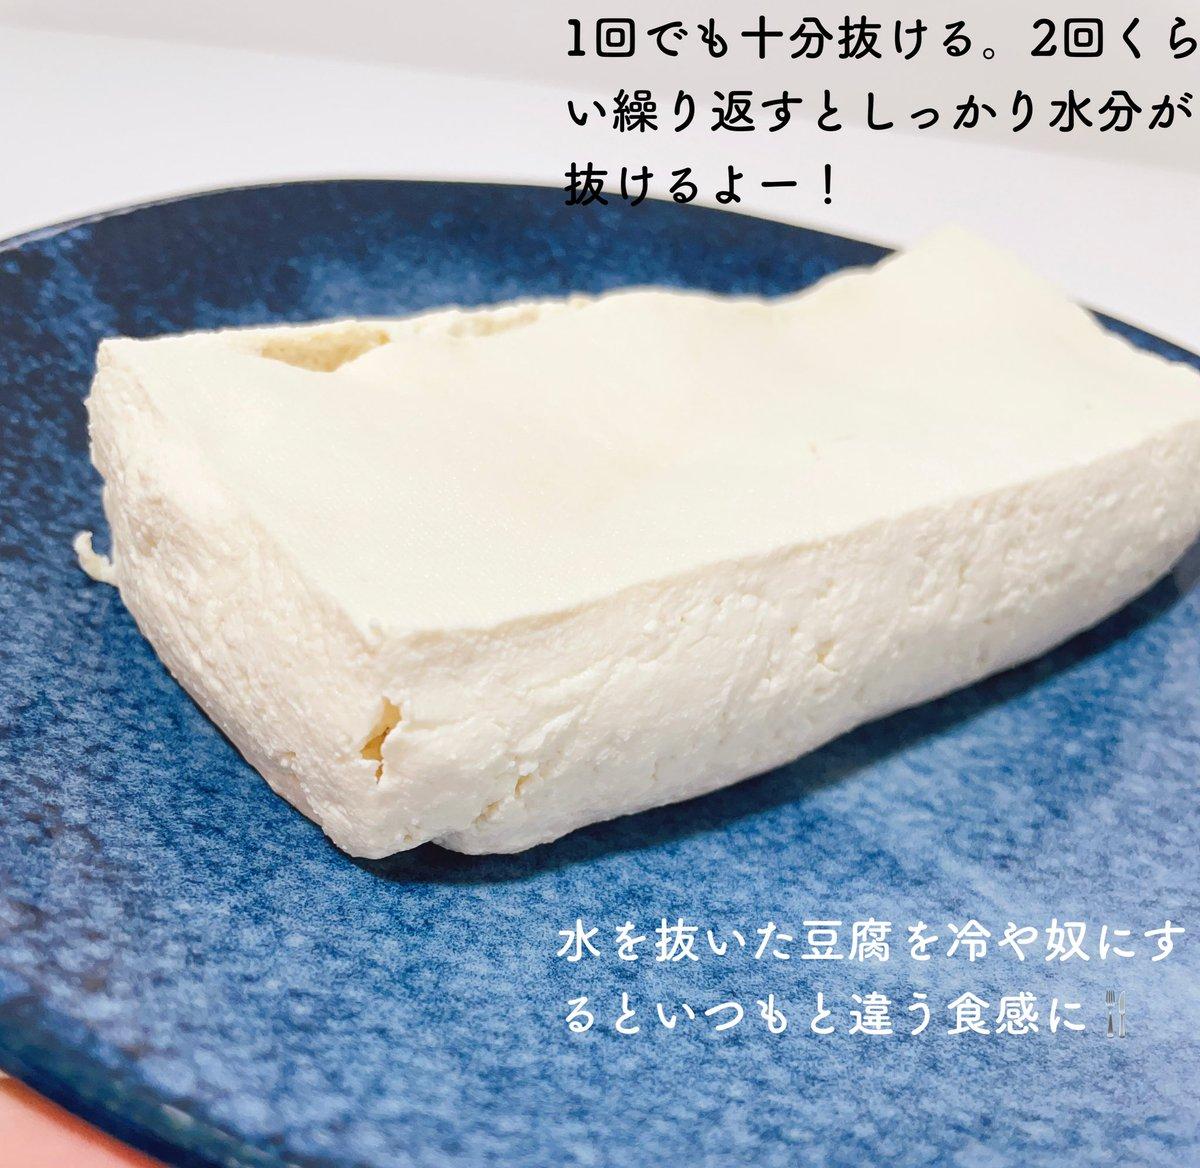 これを知ればもう苦戦することはなくなるかも?とっても簡単な豆腐の水切り方法!